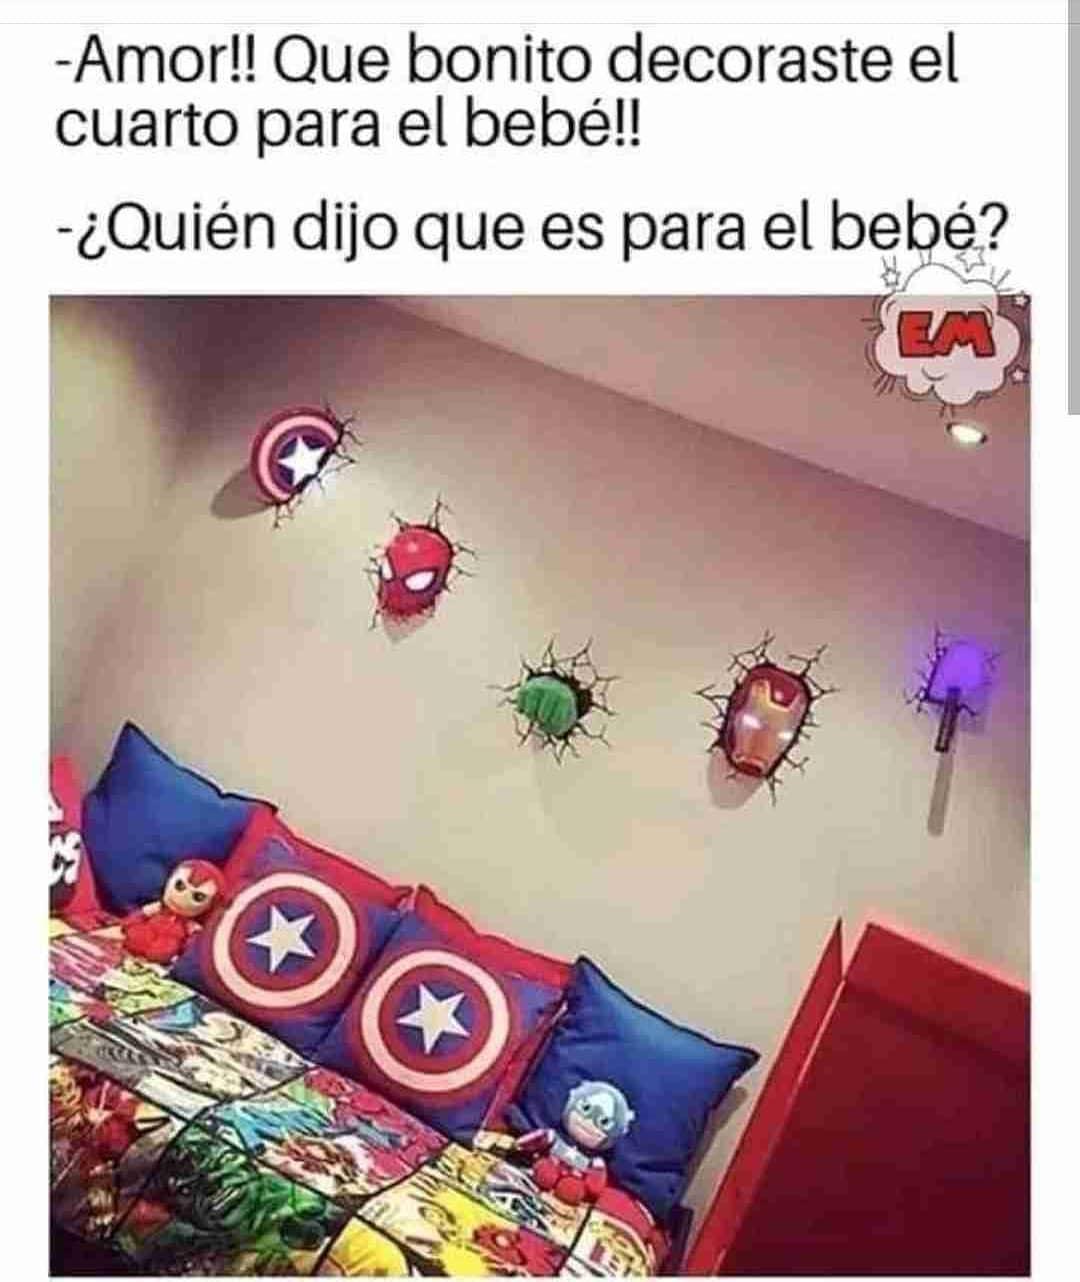 Amor!! Que bonito decoraste el cuarto para el bebé!!  ¿Quién dijo que es para el bebé?